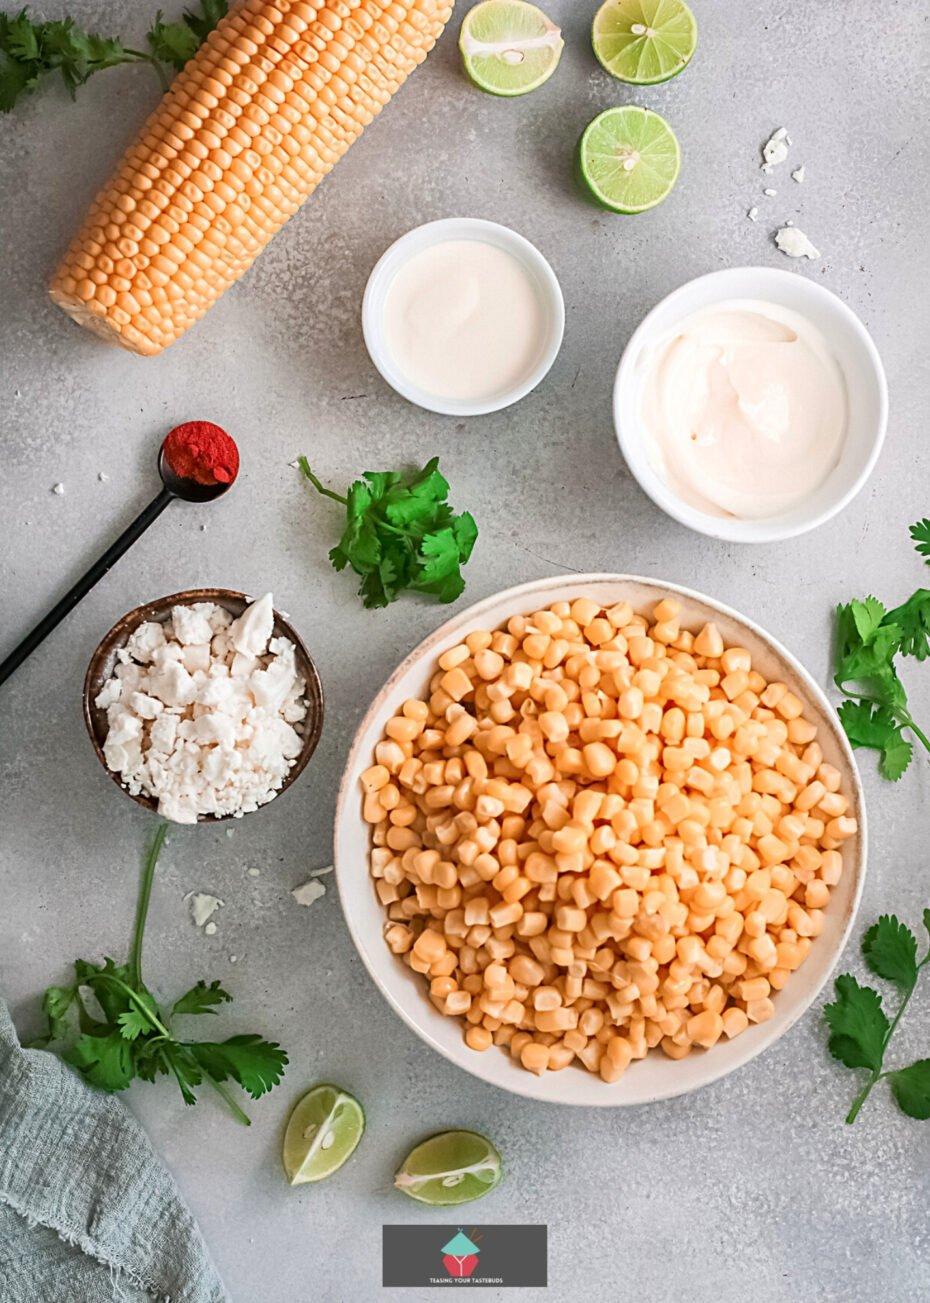 Easy Mexican Street Corn Dip, ingredients